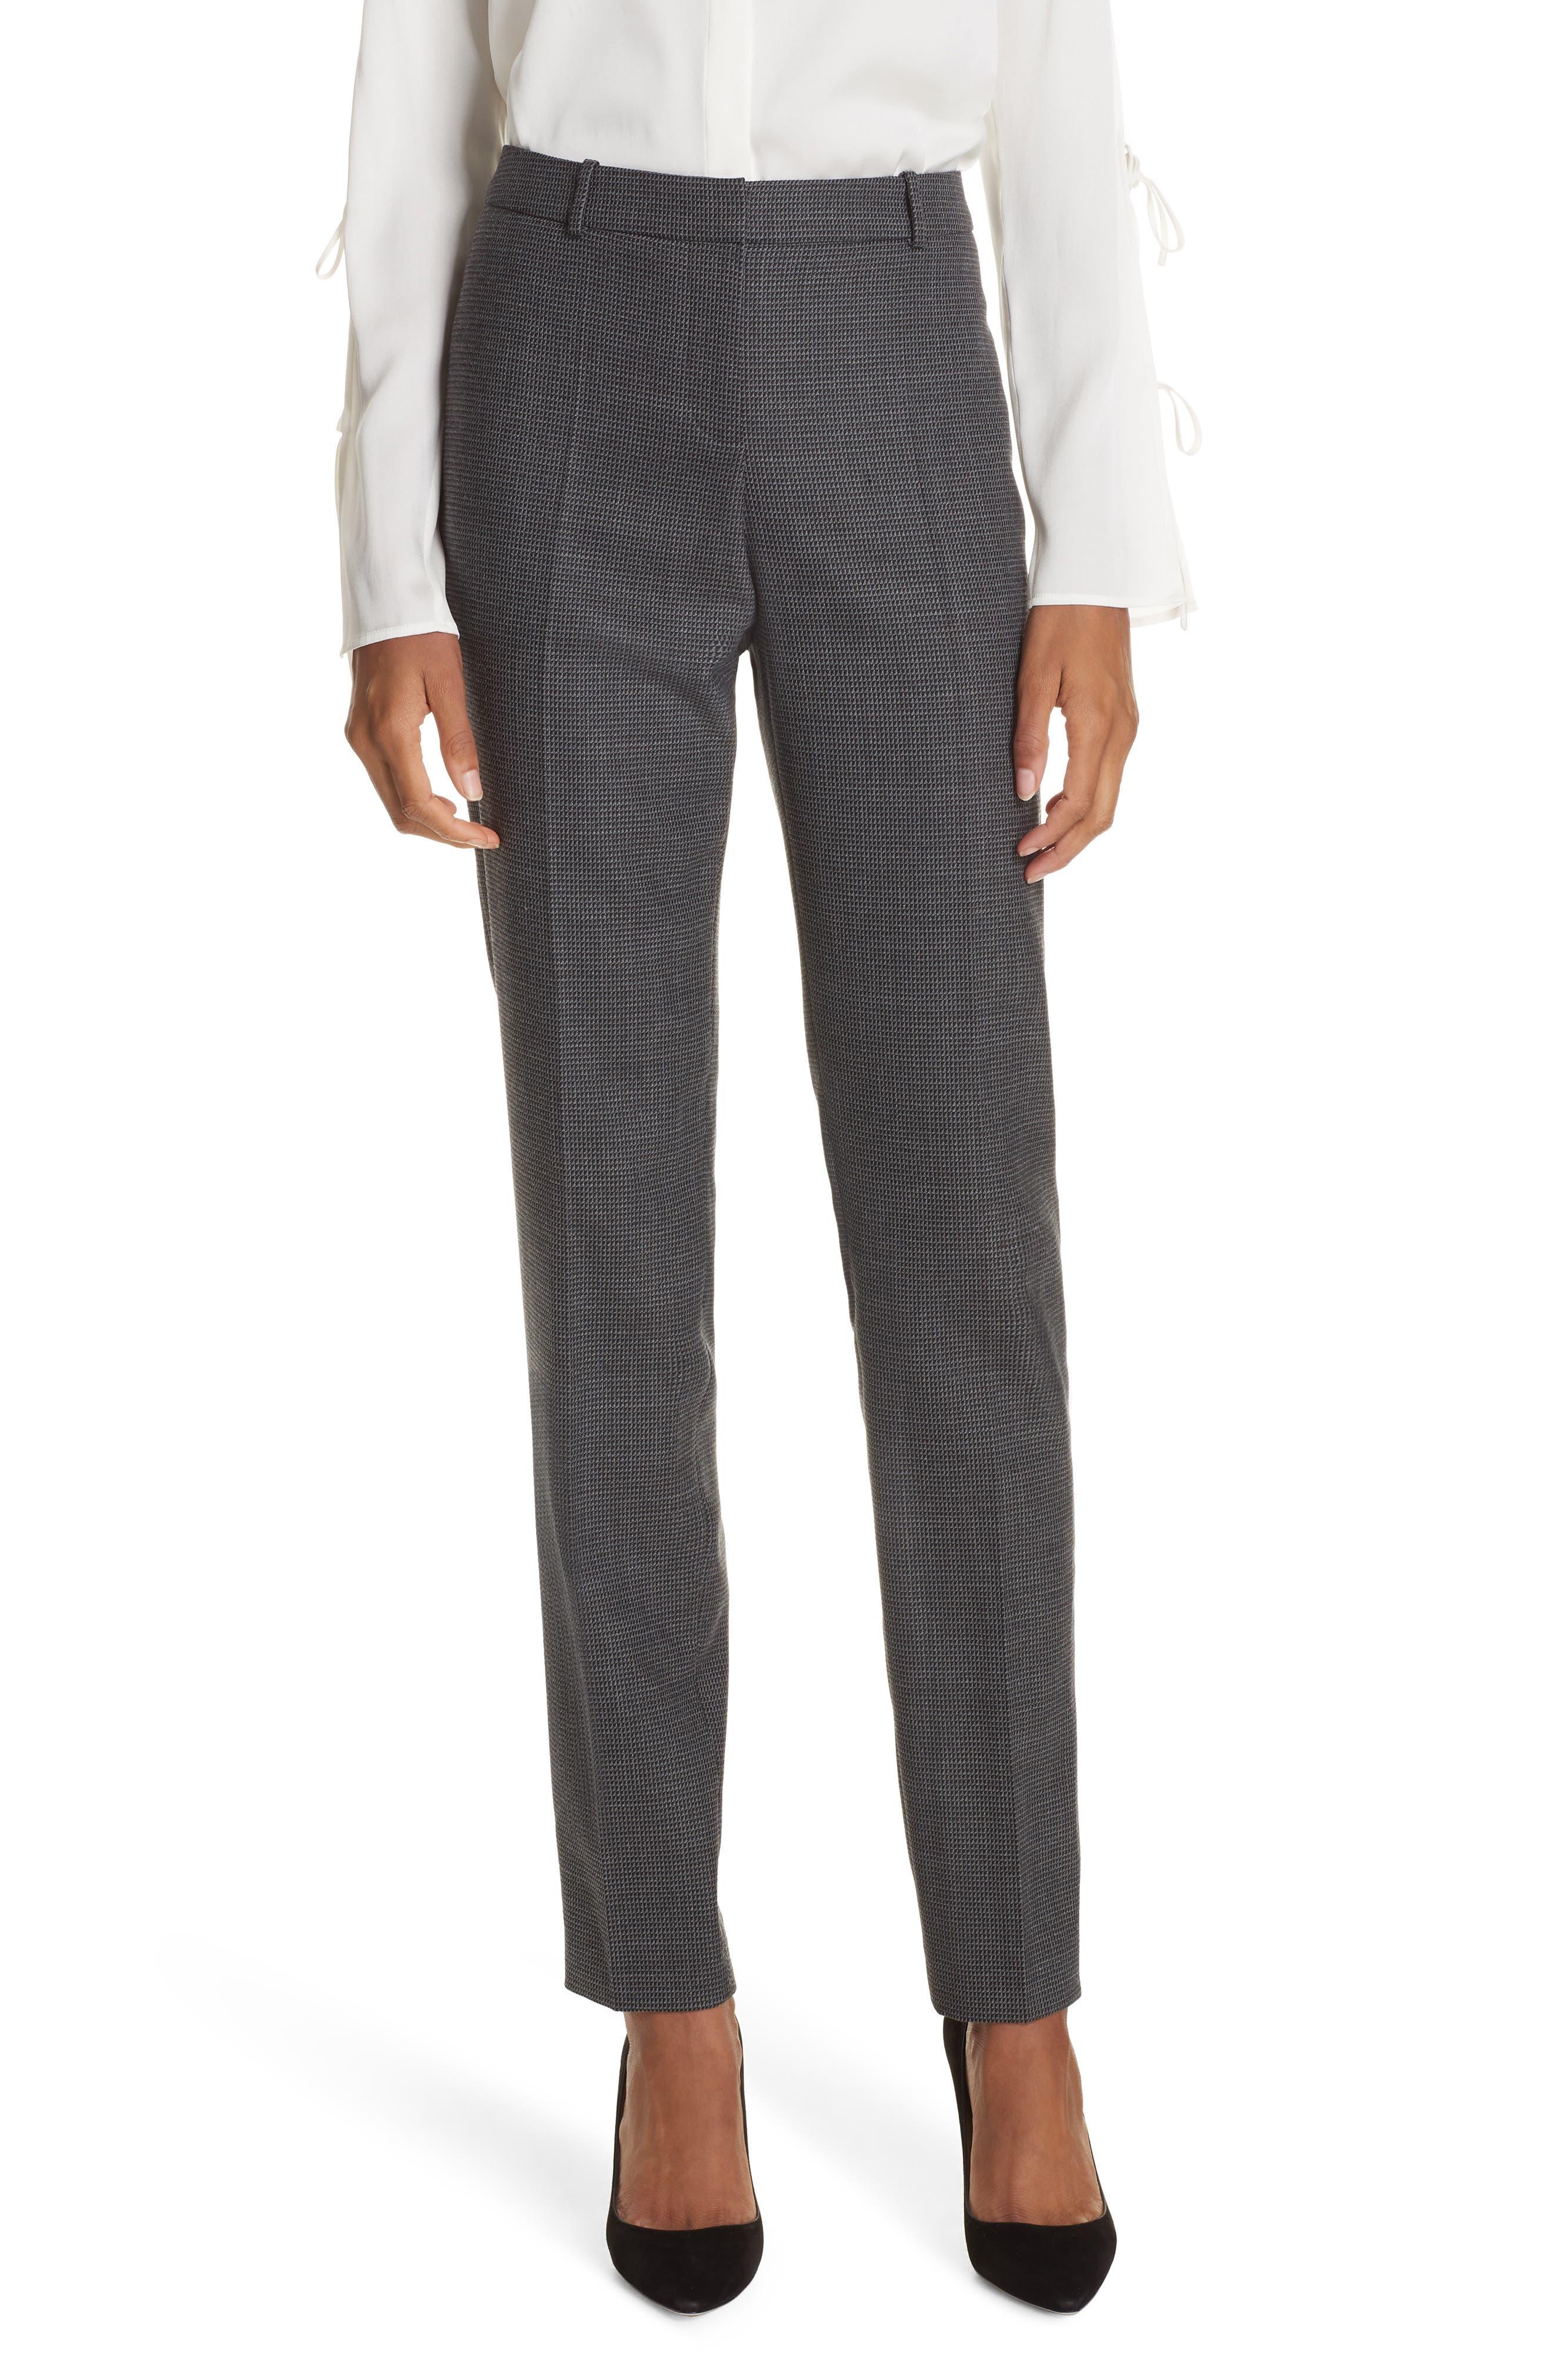 Tilunana Pinstripe Suit Trousers,                             Main thumbnail 1, color,                             020